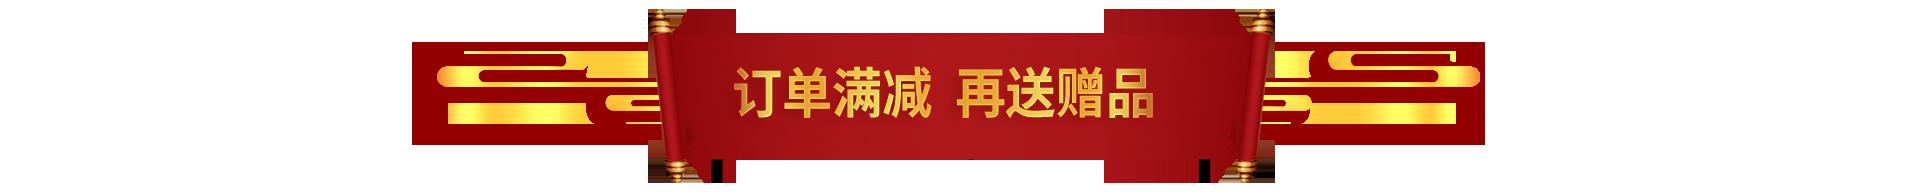 正式年货节---副本-(3)_02